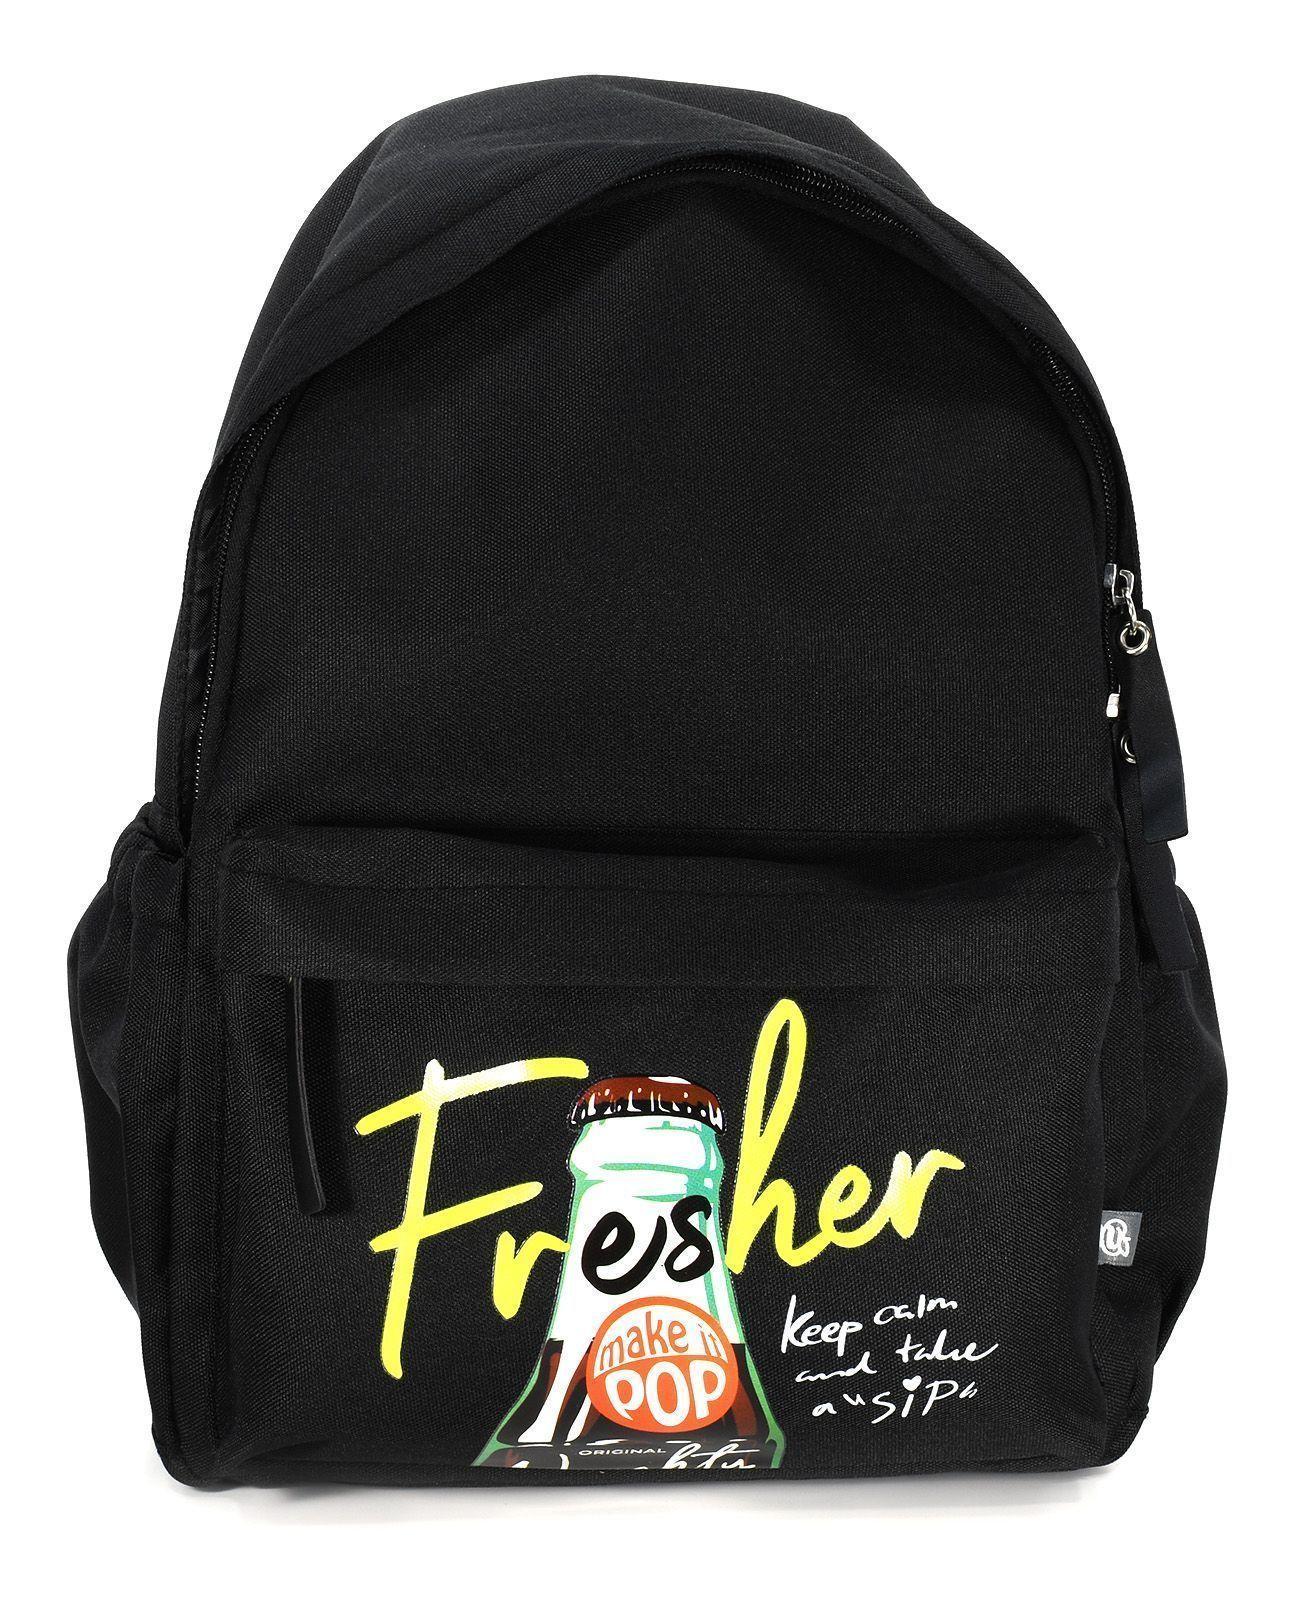 Рюкзак Schoolformat Stay fresh, модель SOFT, мягкий каркас, односекционный, 38х28х16 см, 15 л, универсальный